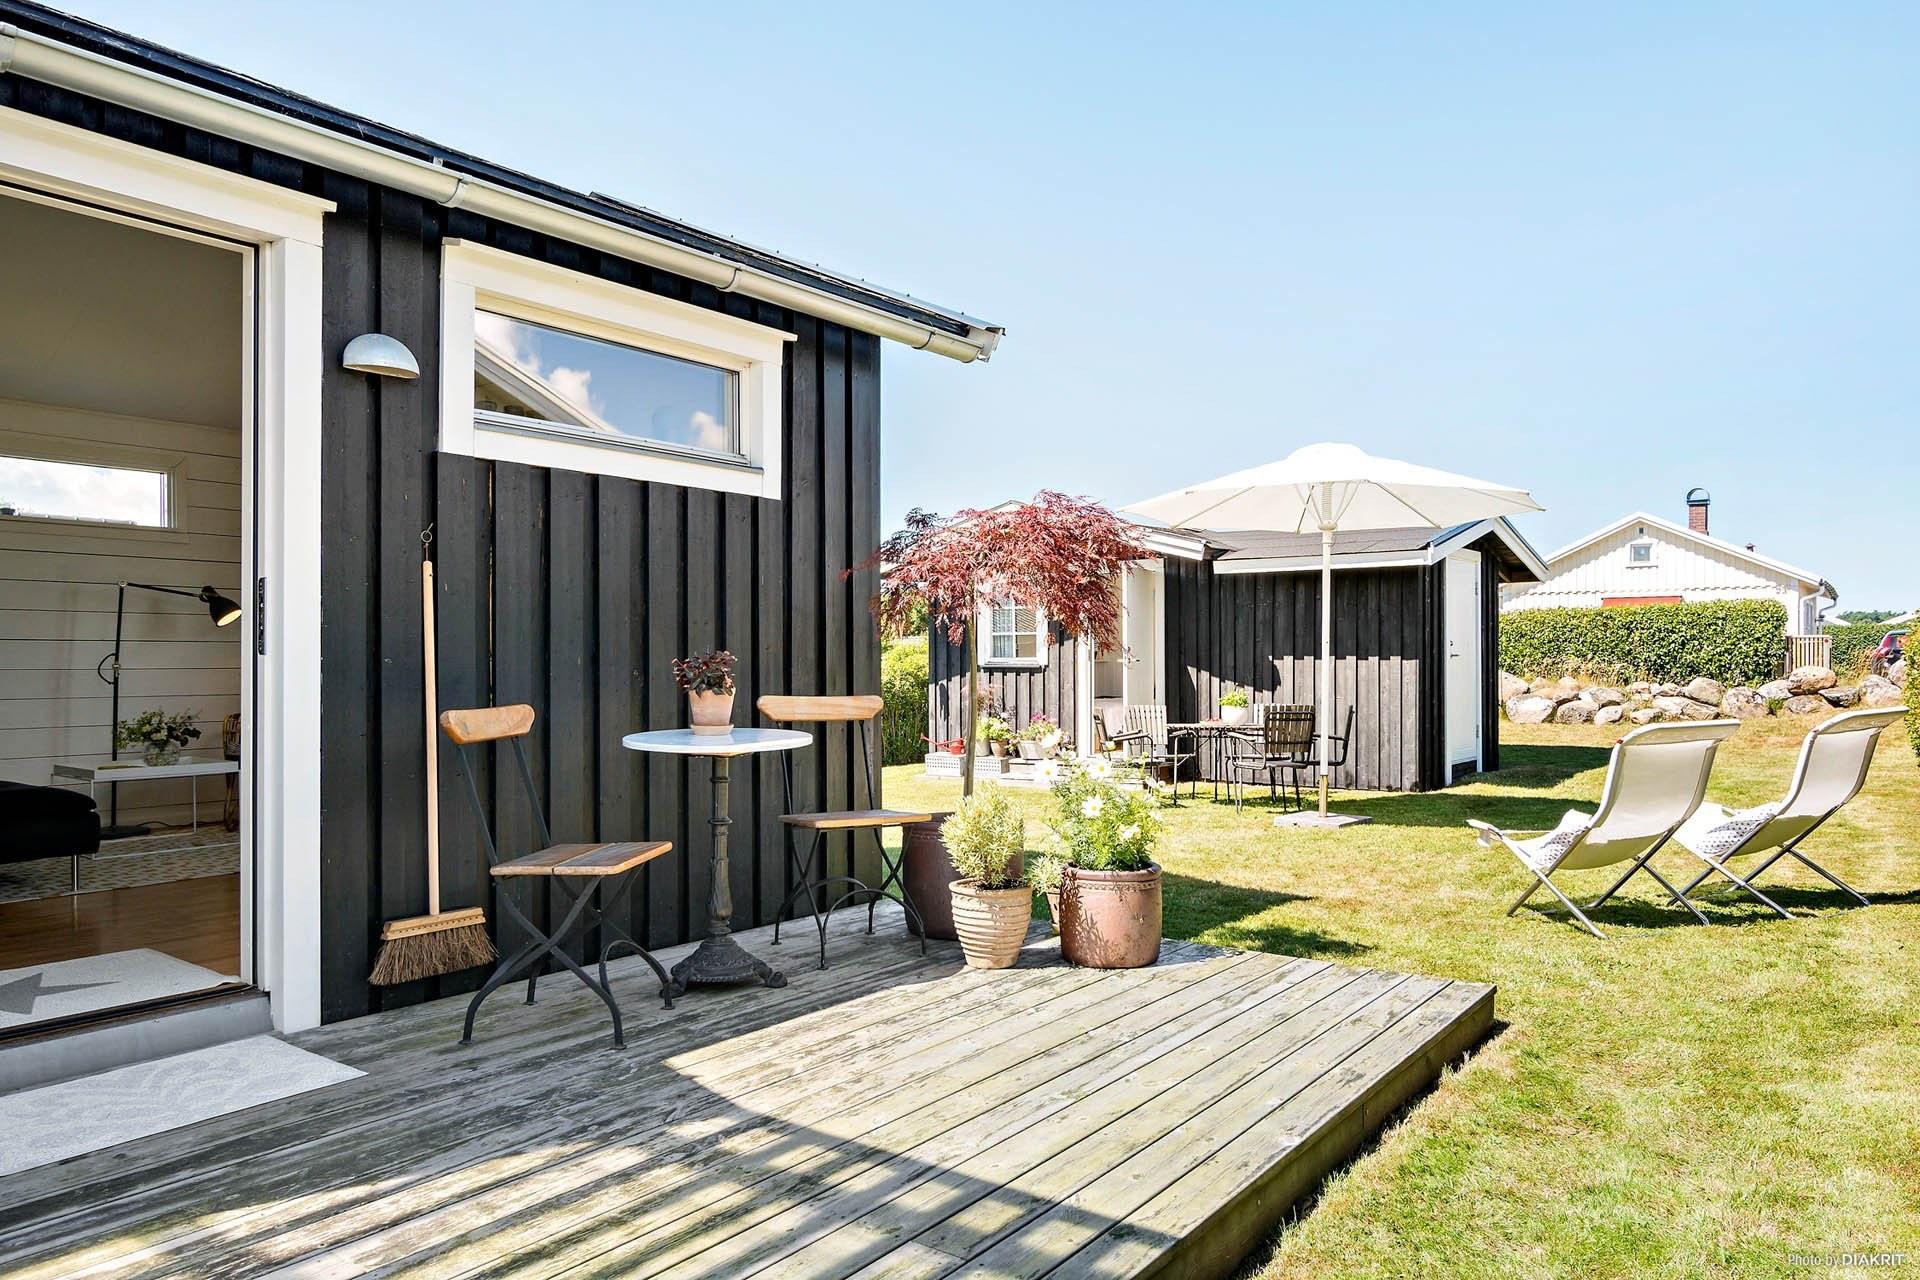 Ngôi nhà 45m2 tọa lạc trên thảm cỏ xanh mượt với không gian sống trong lành ai nhìn cũng thích - Ảnh 11.